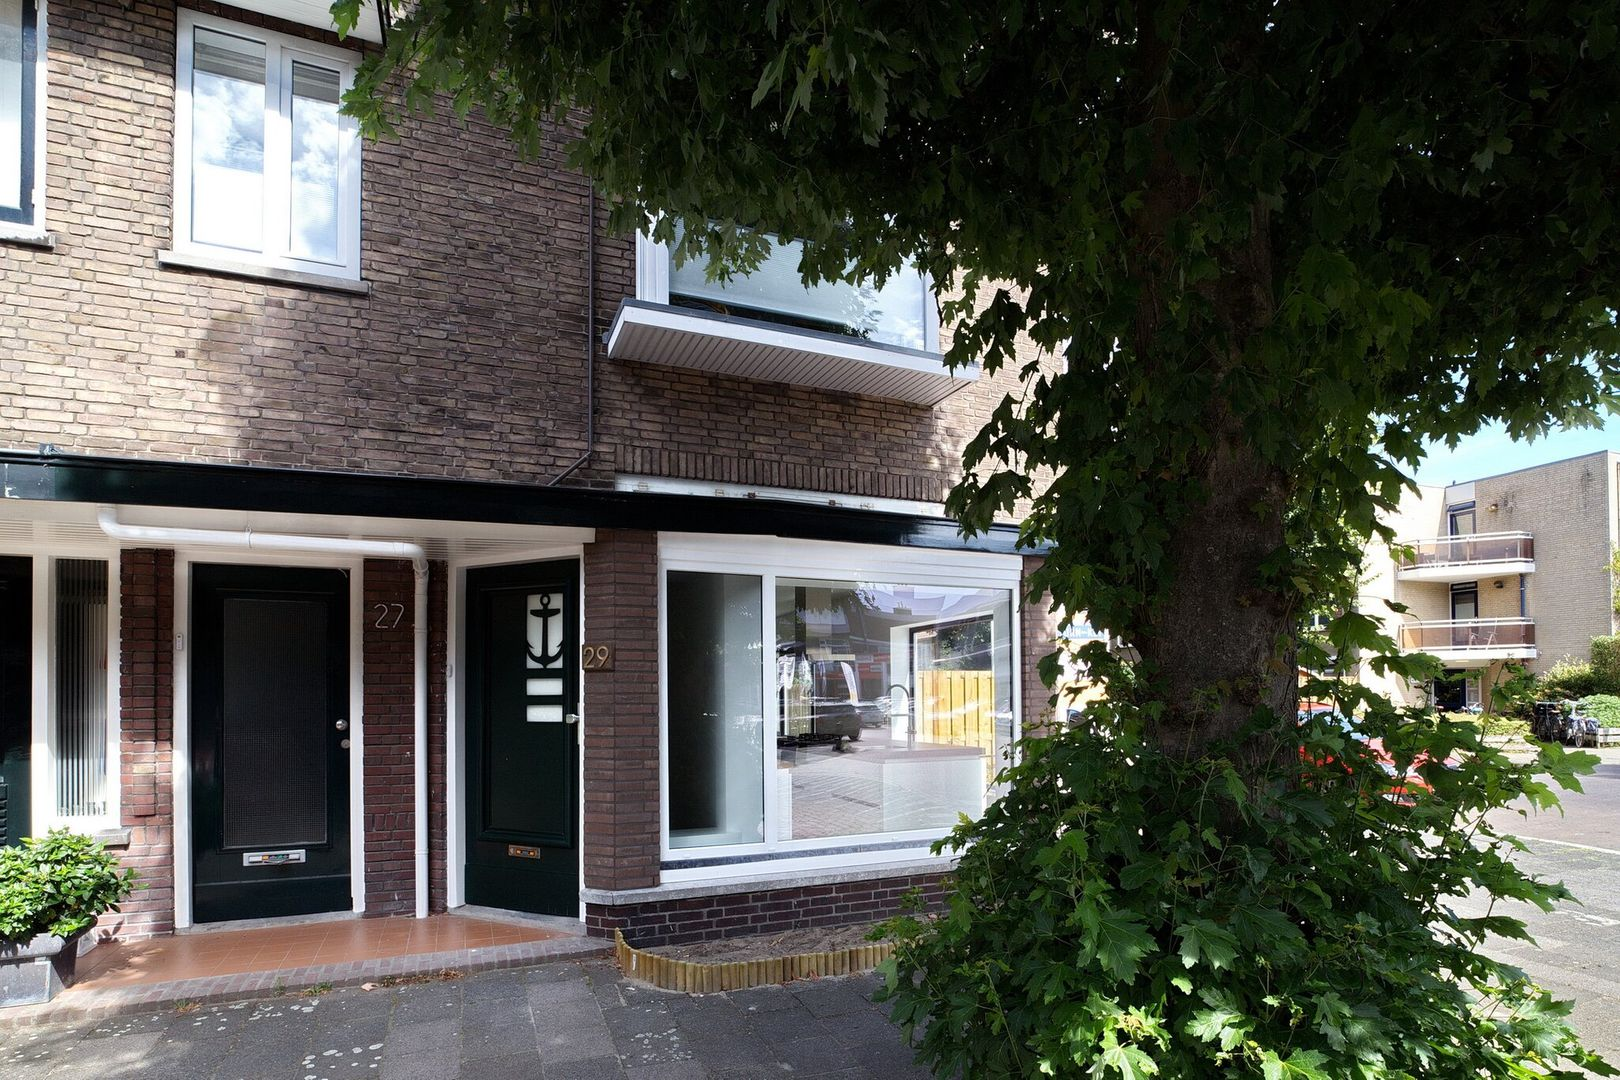 Opwijckstraat 29, Voorburg foto-1 blur